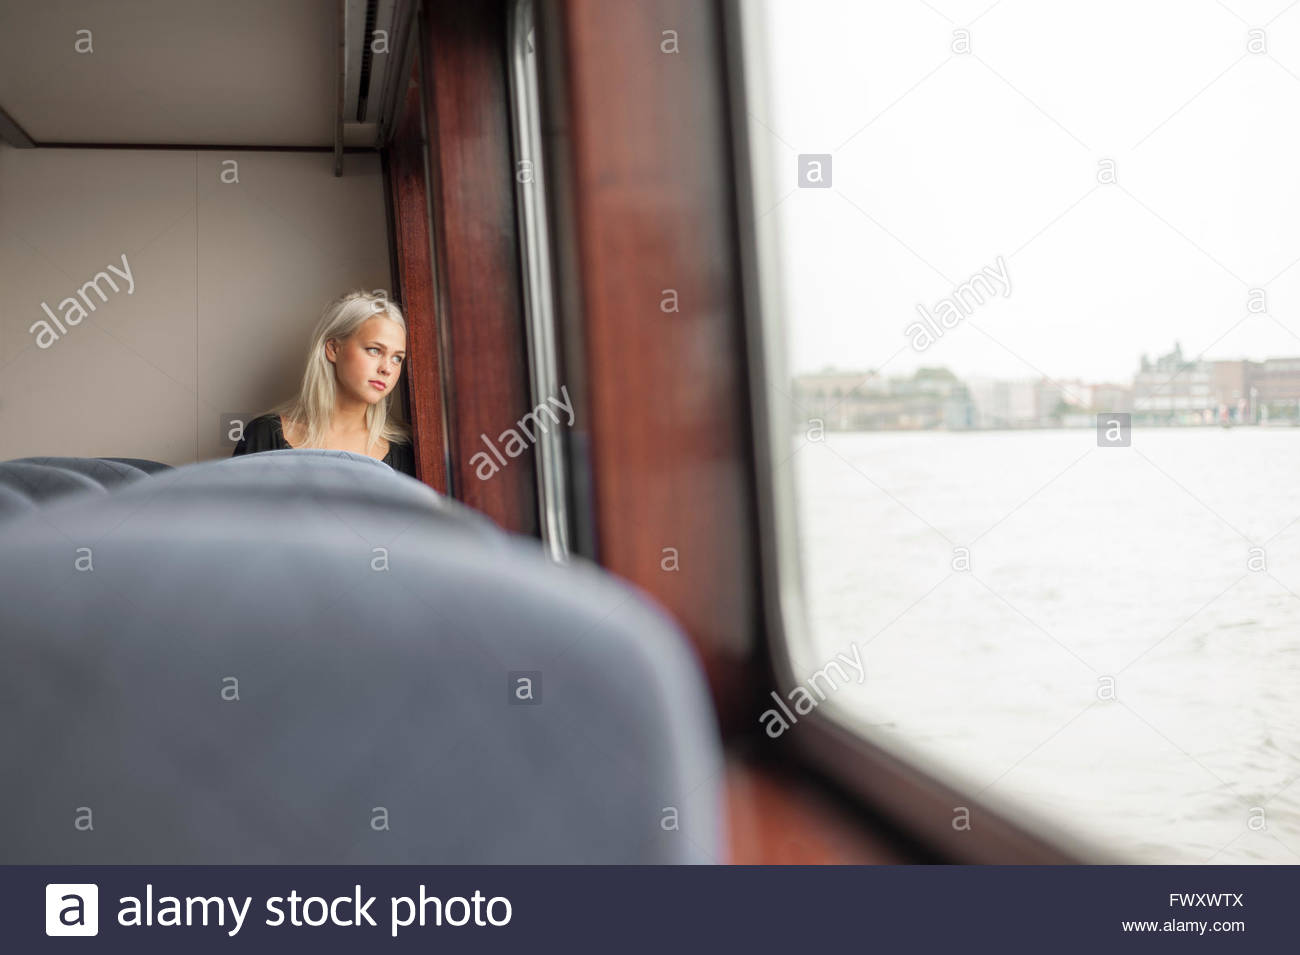 La Suède, Vastra Sweden Göteborg, jeune femme à la recherche d'une fenêtre en train Photo Stock